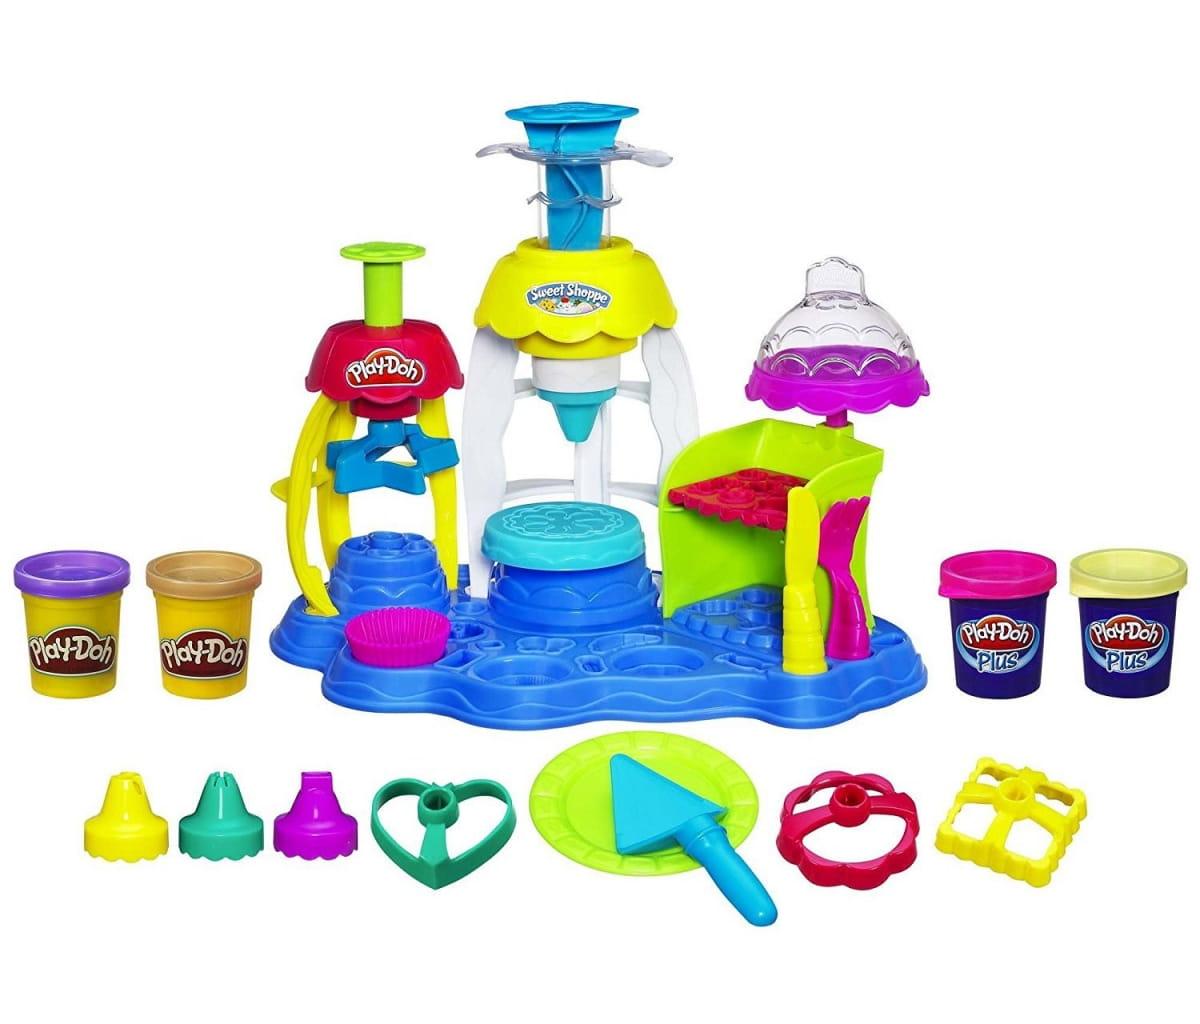 Набор для лепки Play-Doh Фабрика пирожных (HASBRO)